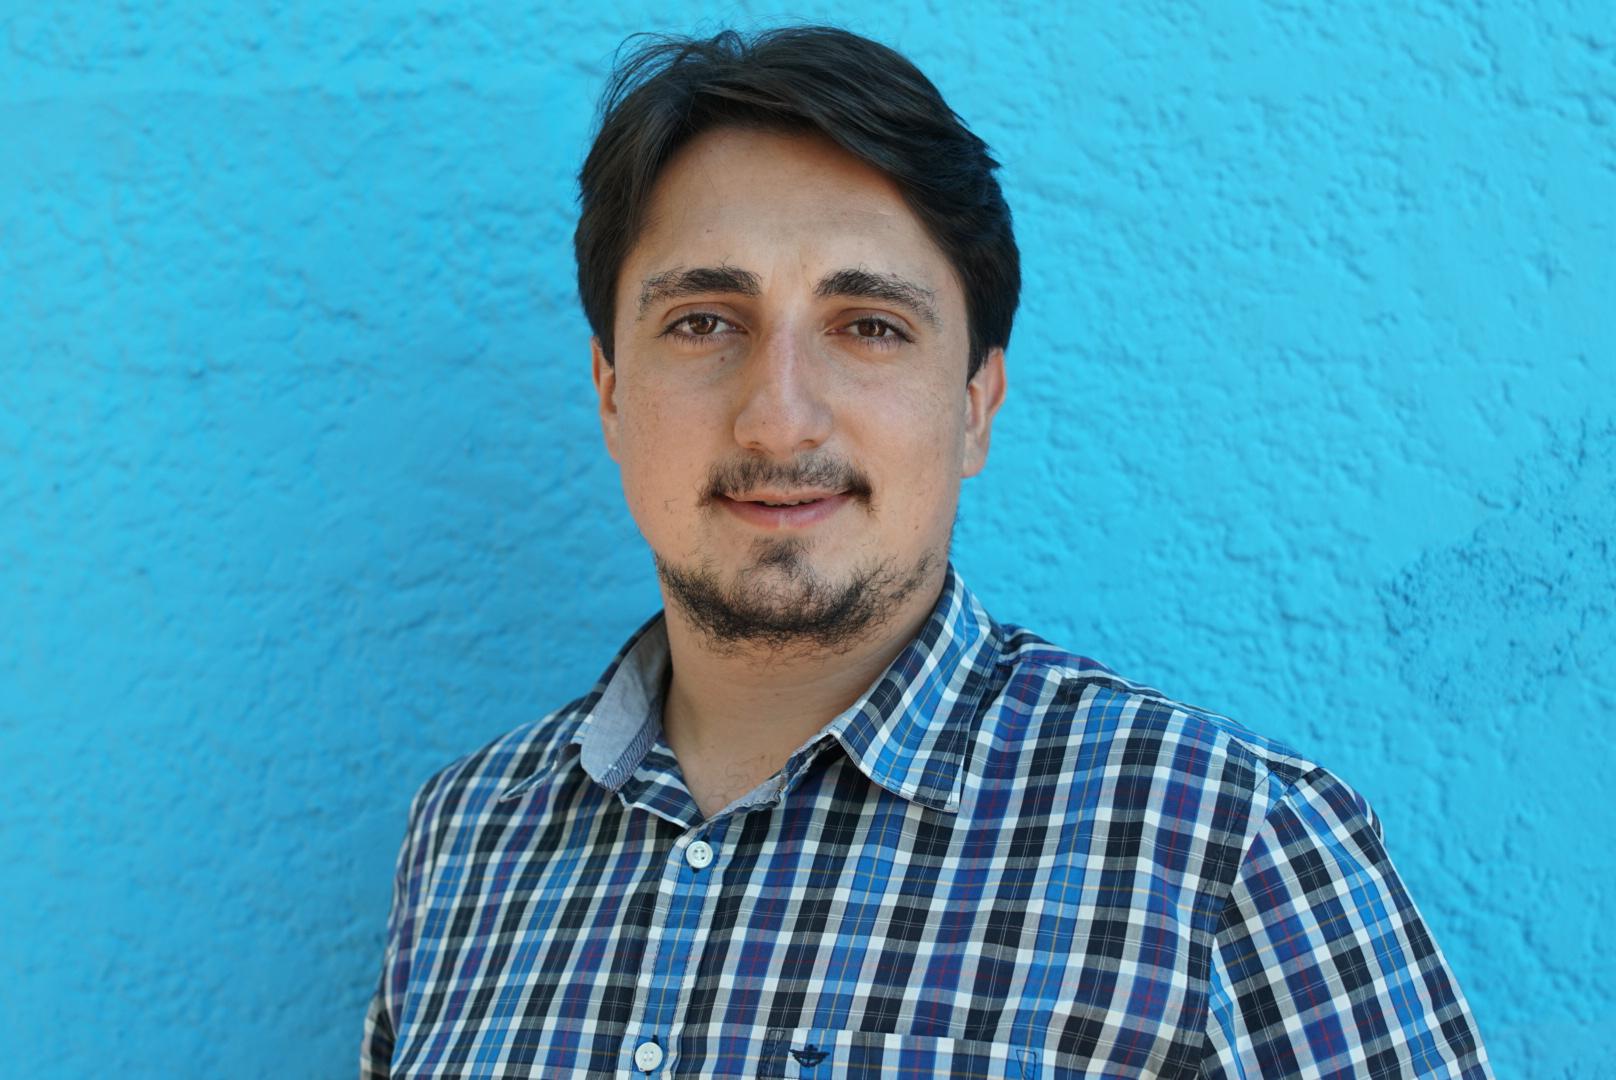 Hasan Basri Tosun